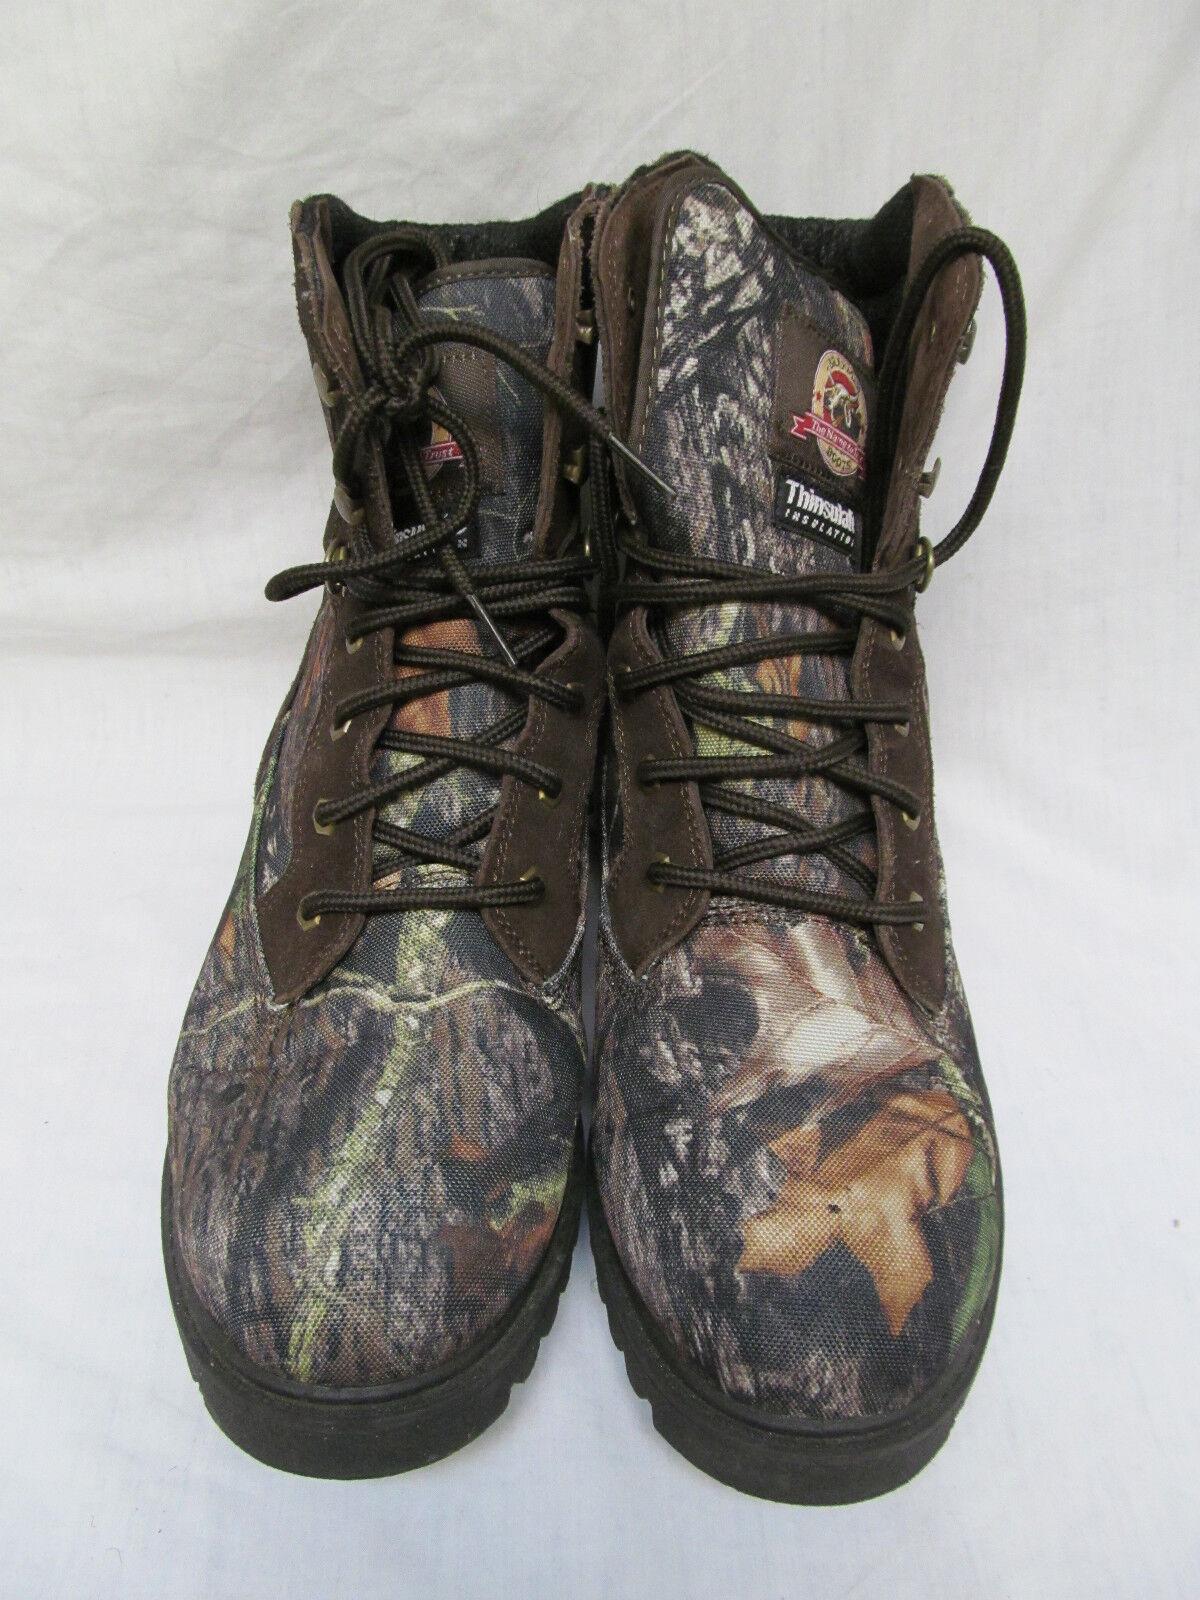 a85947a616d Para Hombre Camuflaje Brahma Thinsulate Caza botas Una Vez Usado  Impermeables pridjz5964-Botas